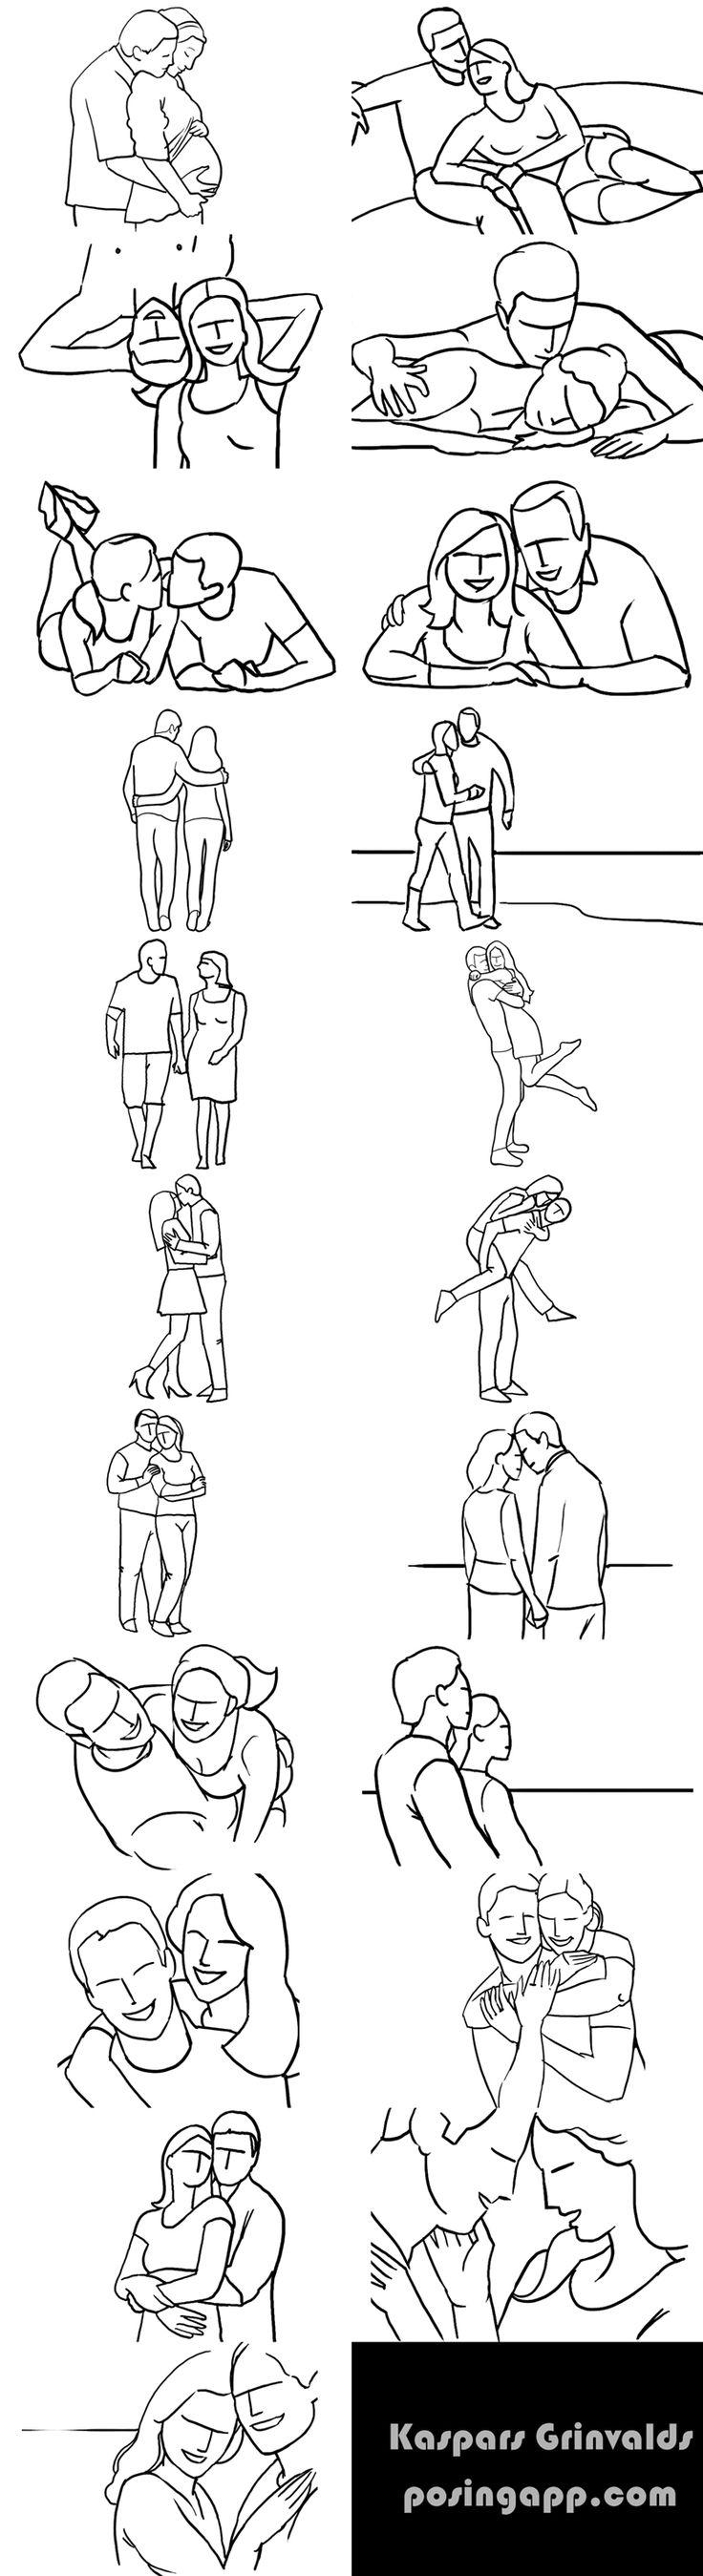 Ideas para poses de fotografia en pareja